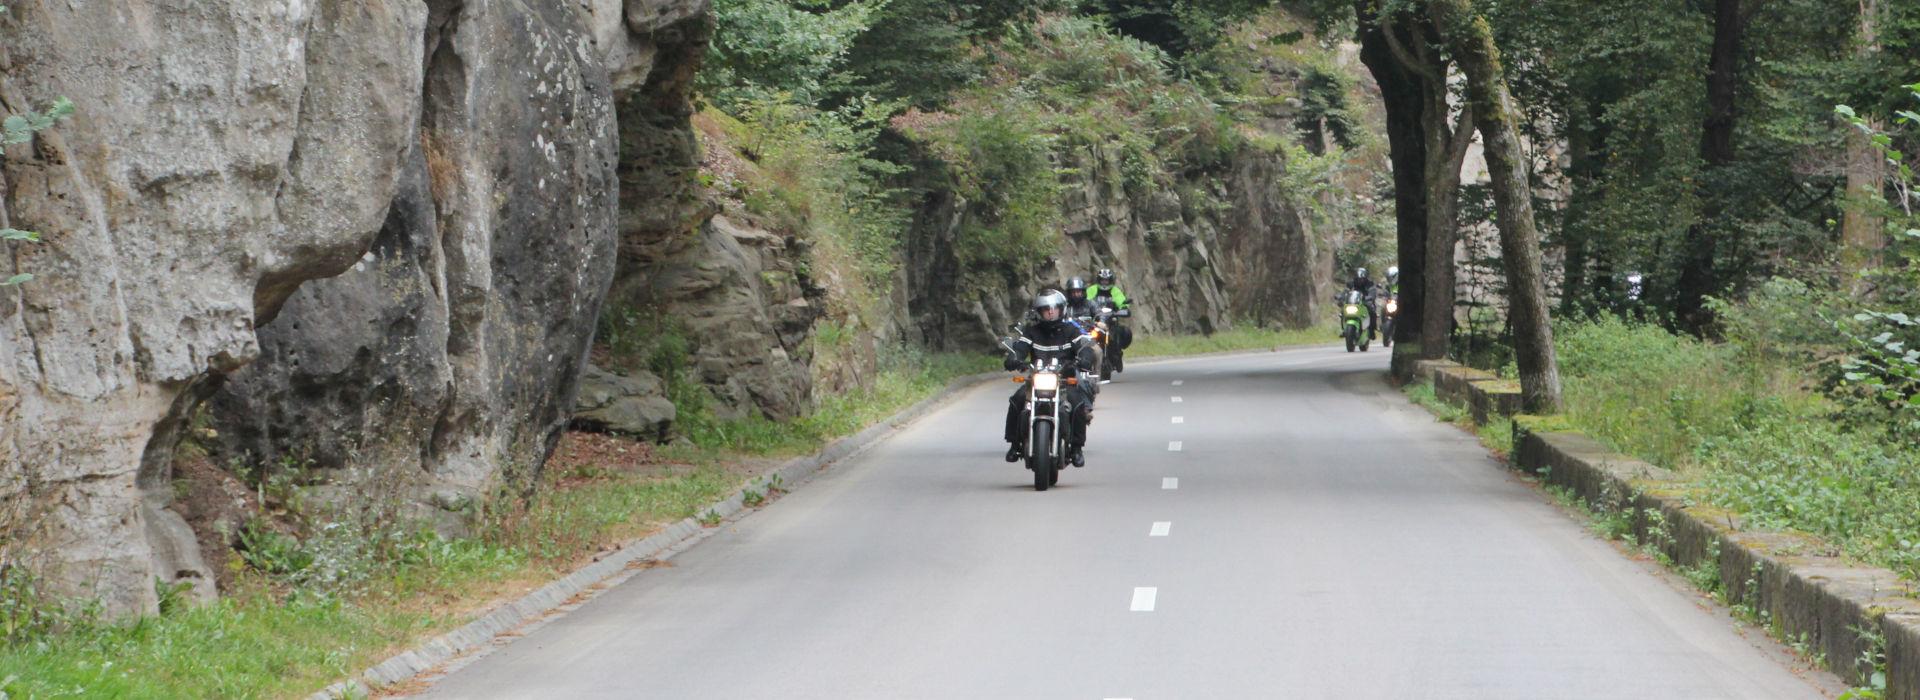 Motorrijbewijspoint Gorinchem spoed motorrijbewijs